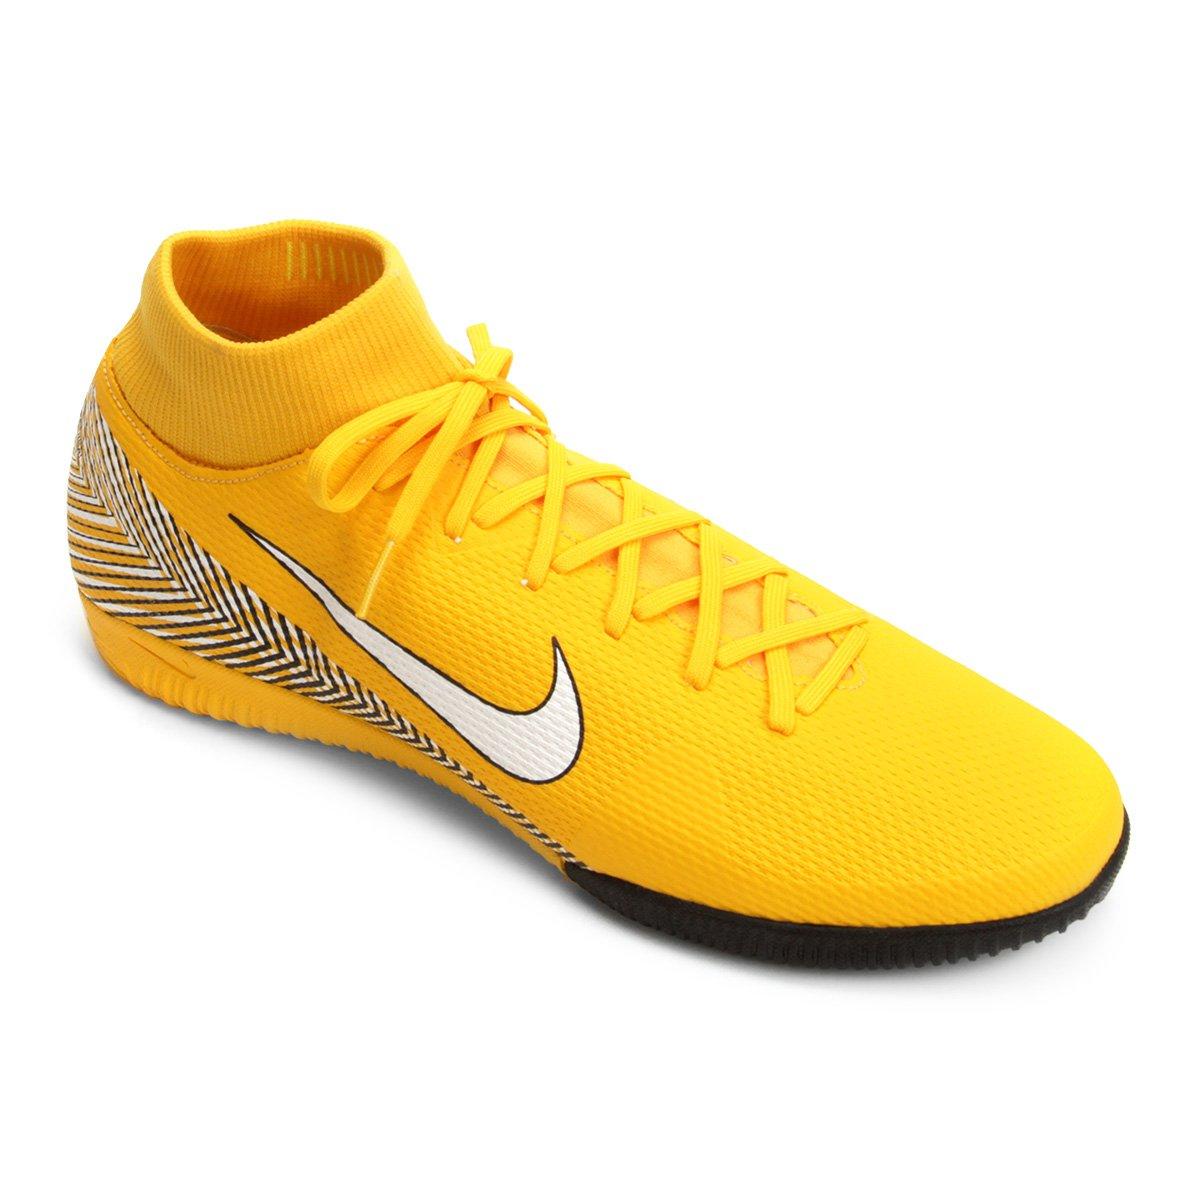 04dd1f8ac6 Chuteira Futsal Nike Mercurial Superfly 6 Academy Neymar IC - Compre Agora